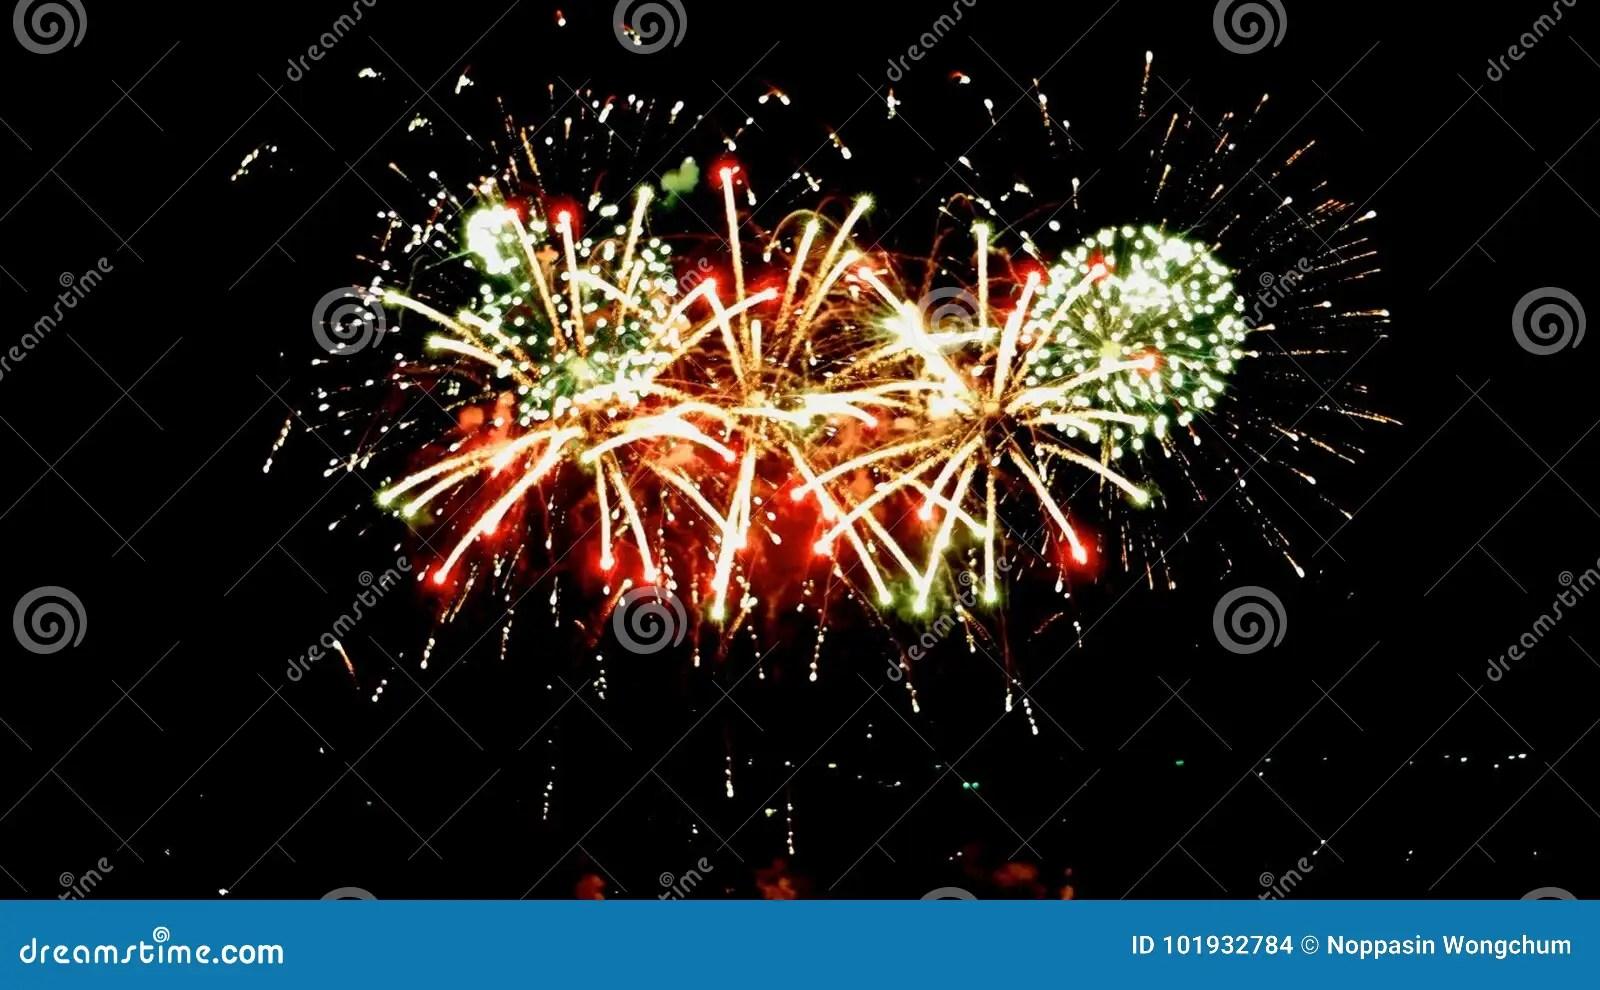 fireworks sound july